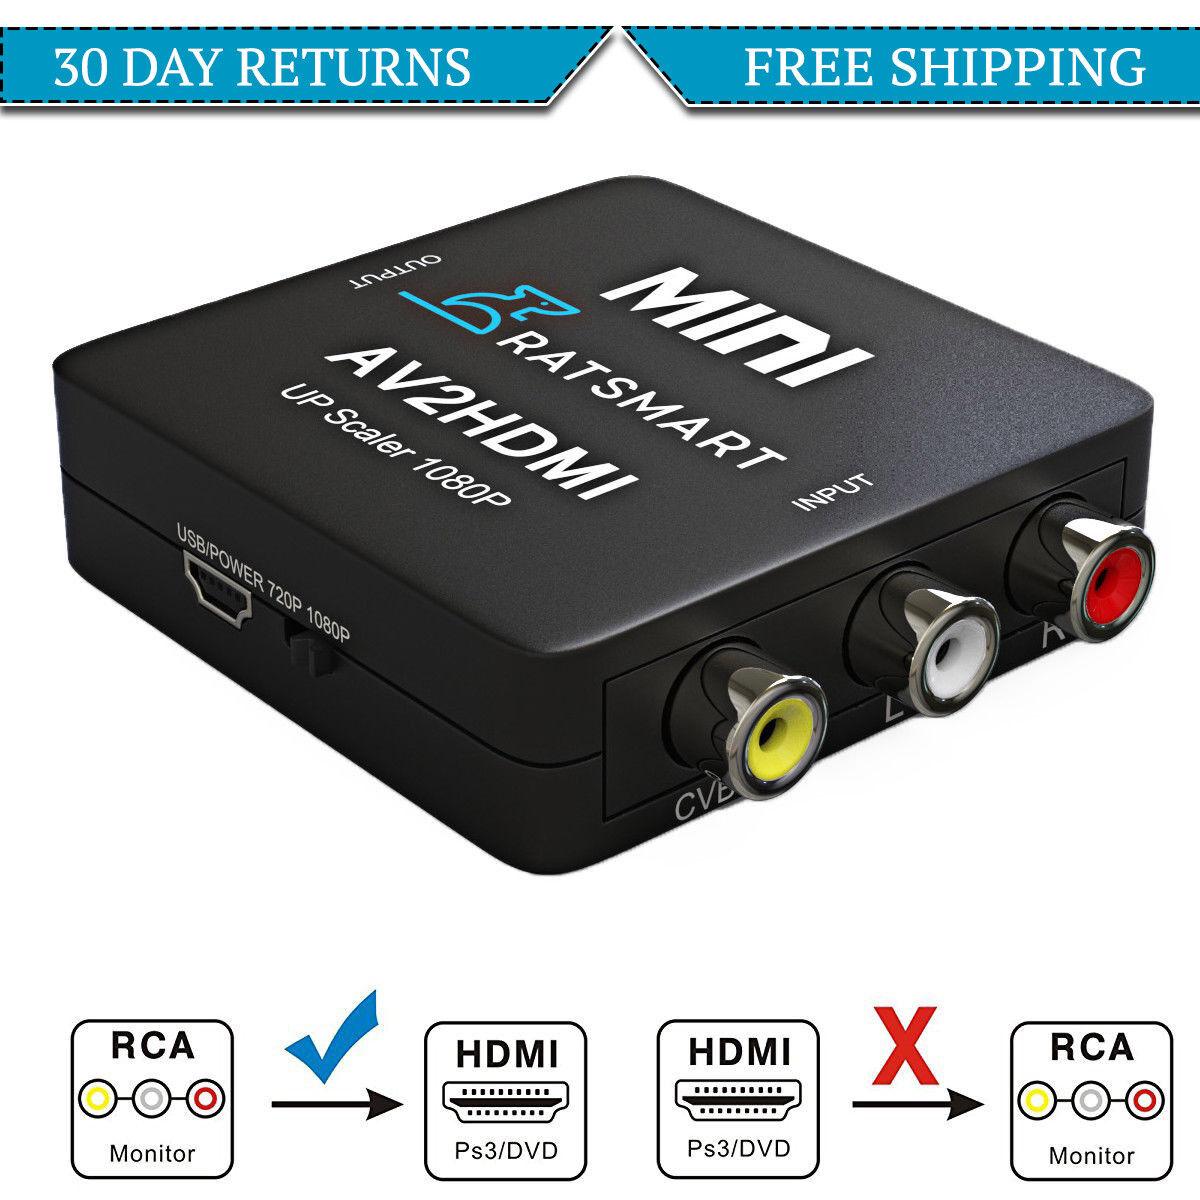 как выглядит Видео кабель, коннектор  RCA to HDMI Converter, Composite AV CVBS Video Adapter 720p 1080p Upscaler фото